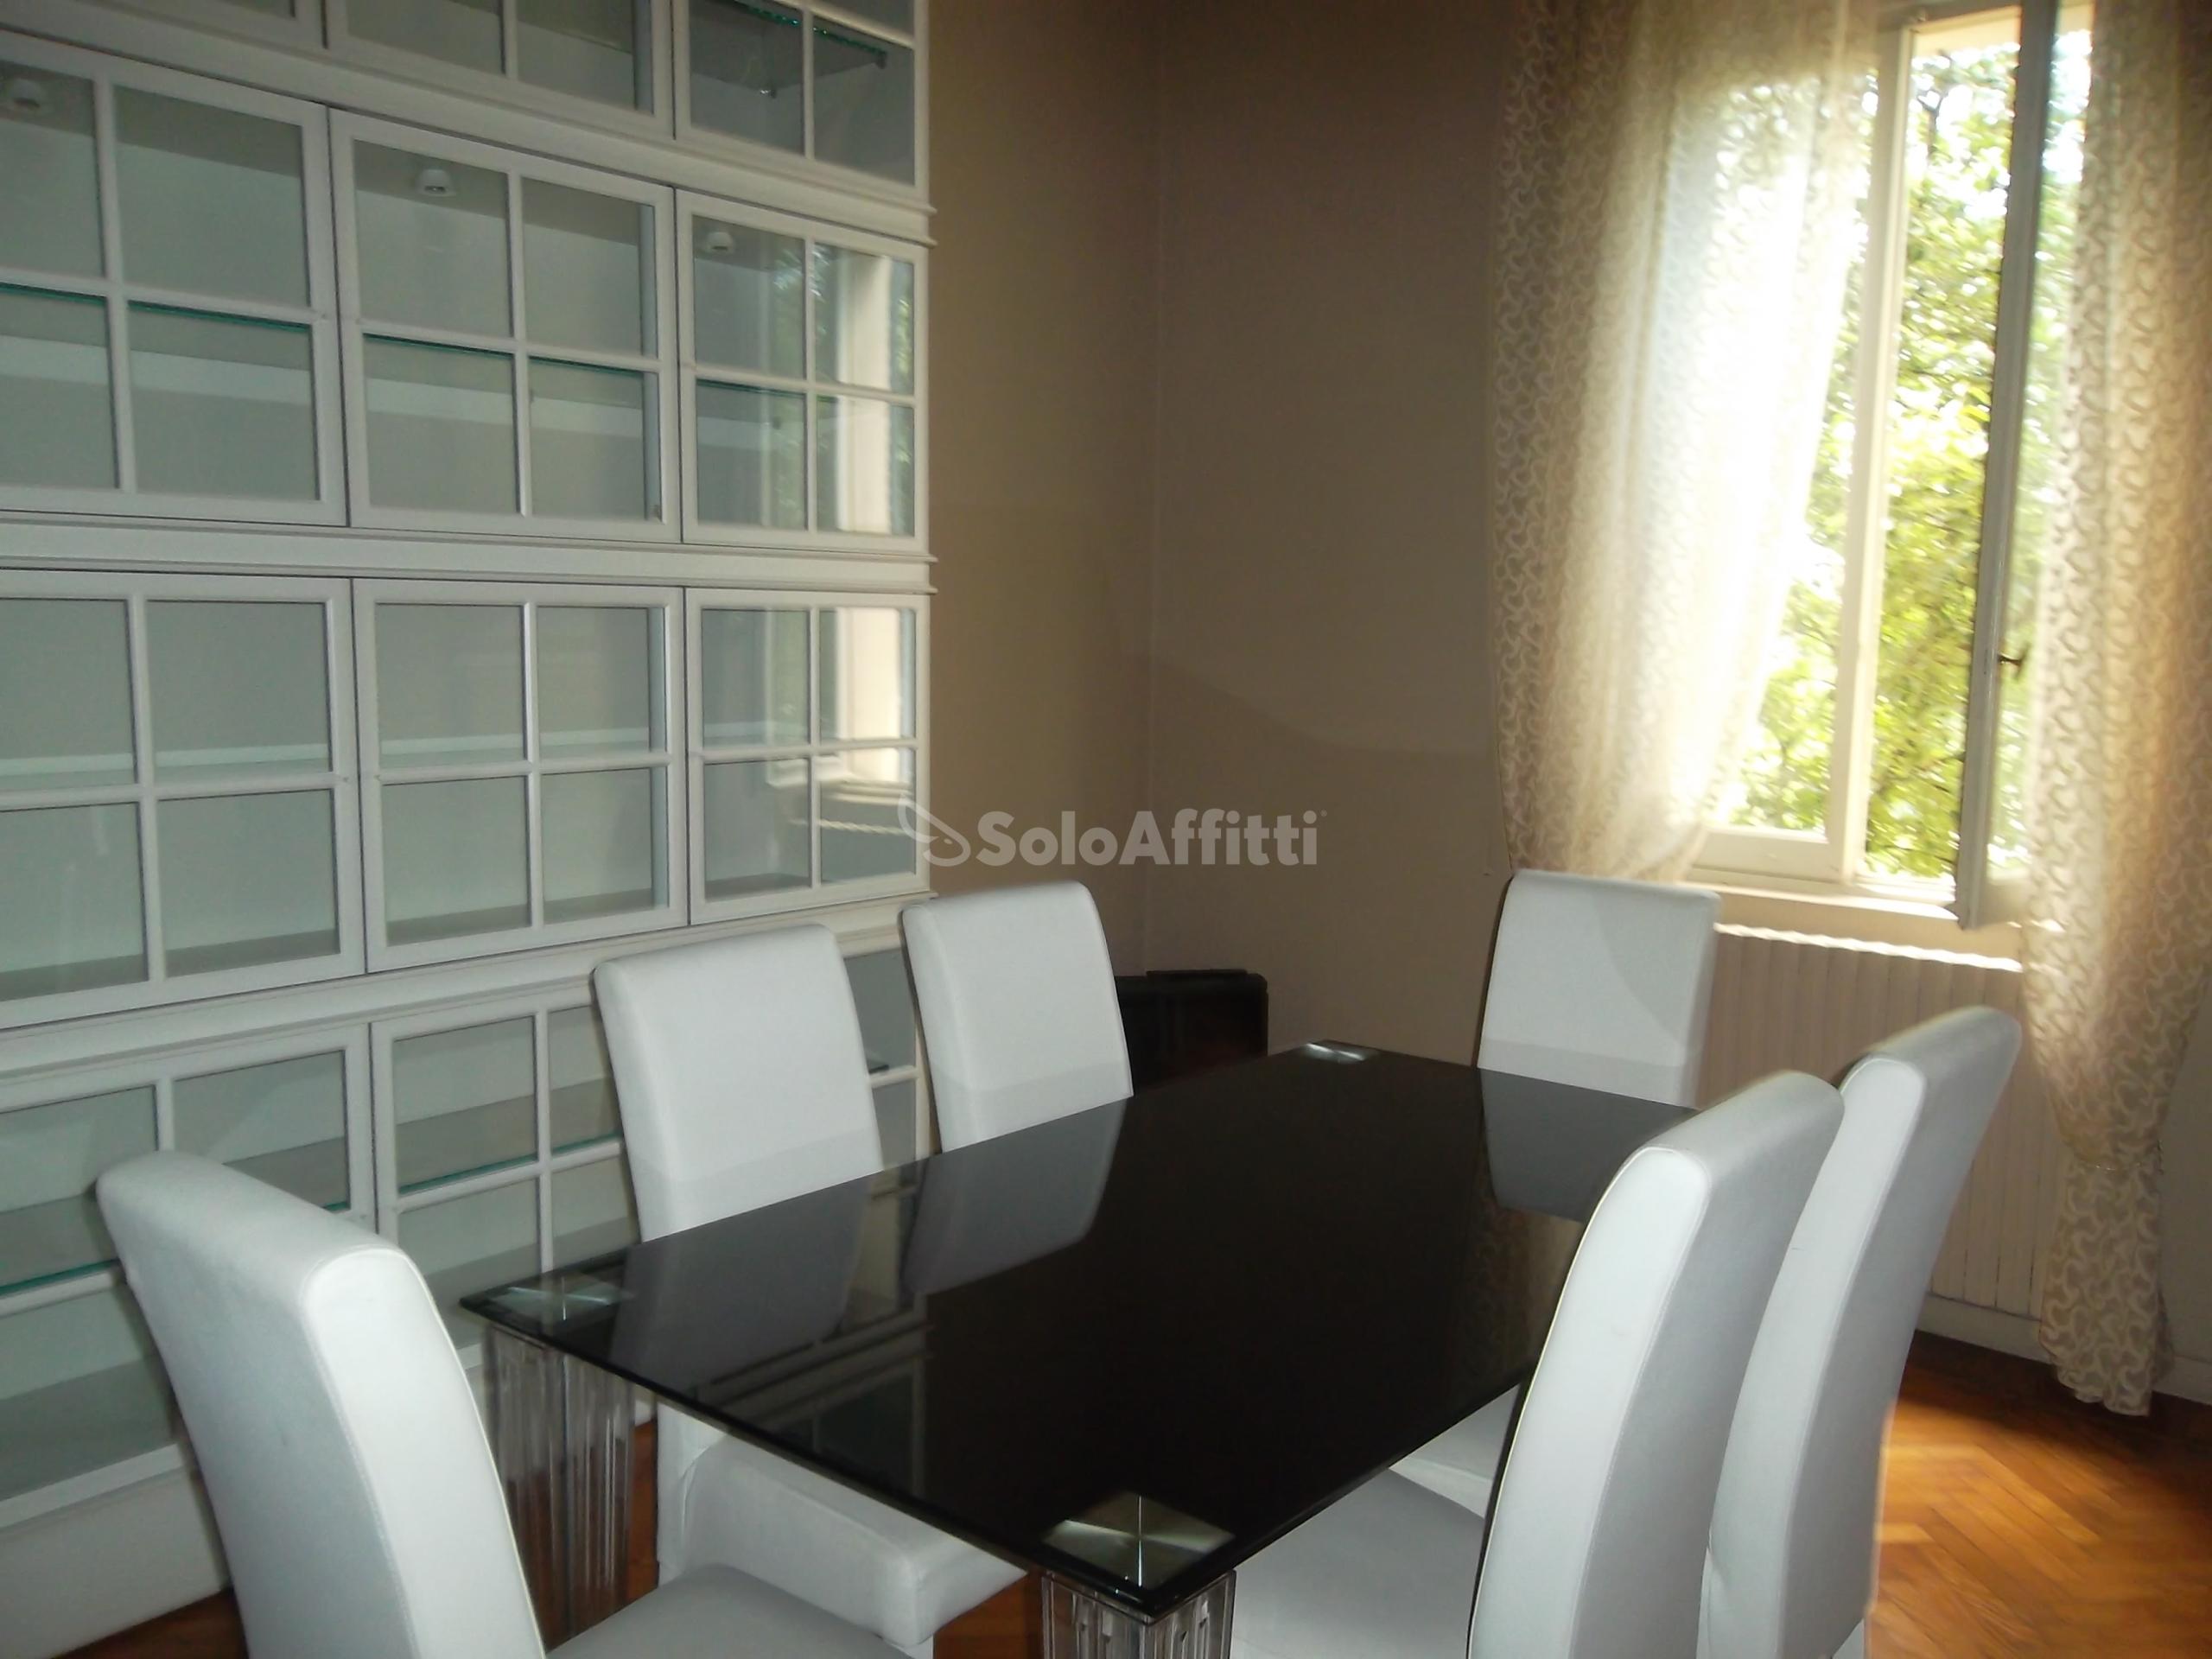 Ufficio Casa Modena : Immobili in affitto modena case uffici e negozi in affitto